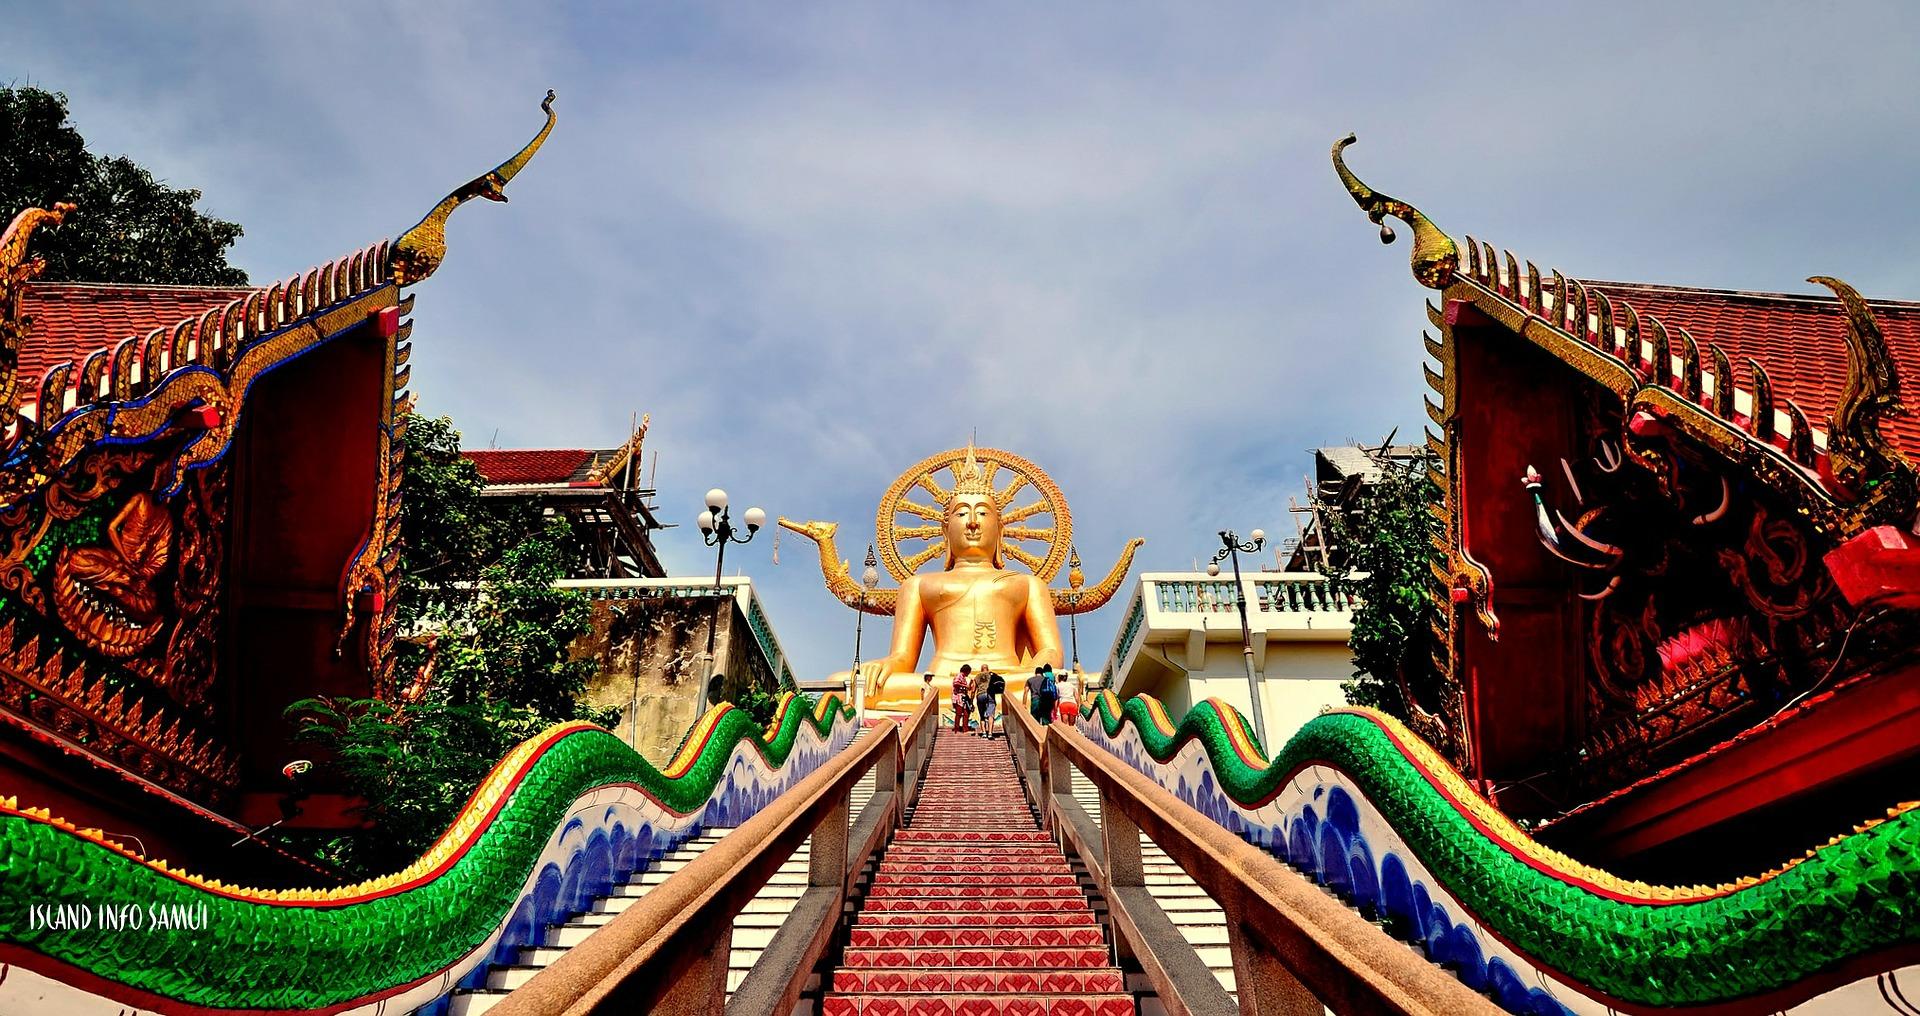 Koh Samui - Bophut Beach - Big Buddha - Thailandia